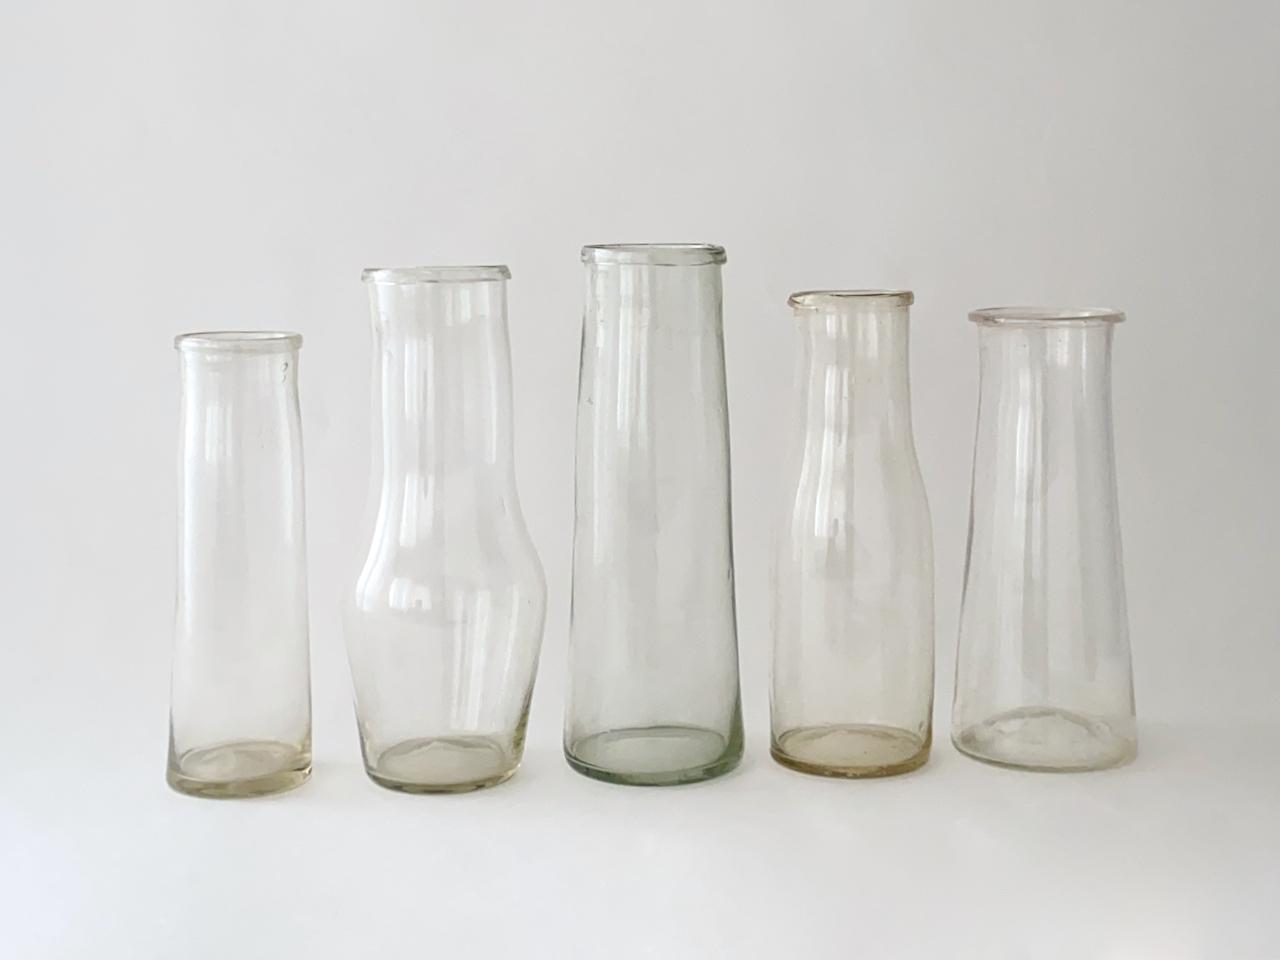 Vintage Milk Bottles|ヴィンテージの牛乳瓶